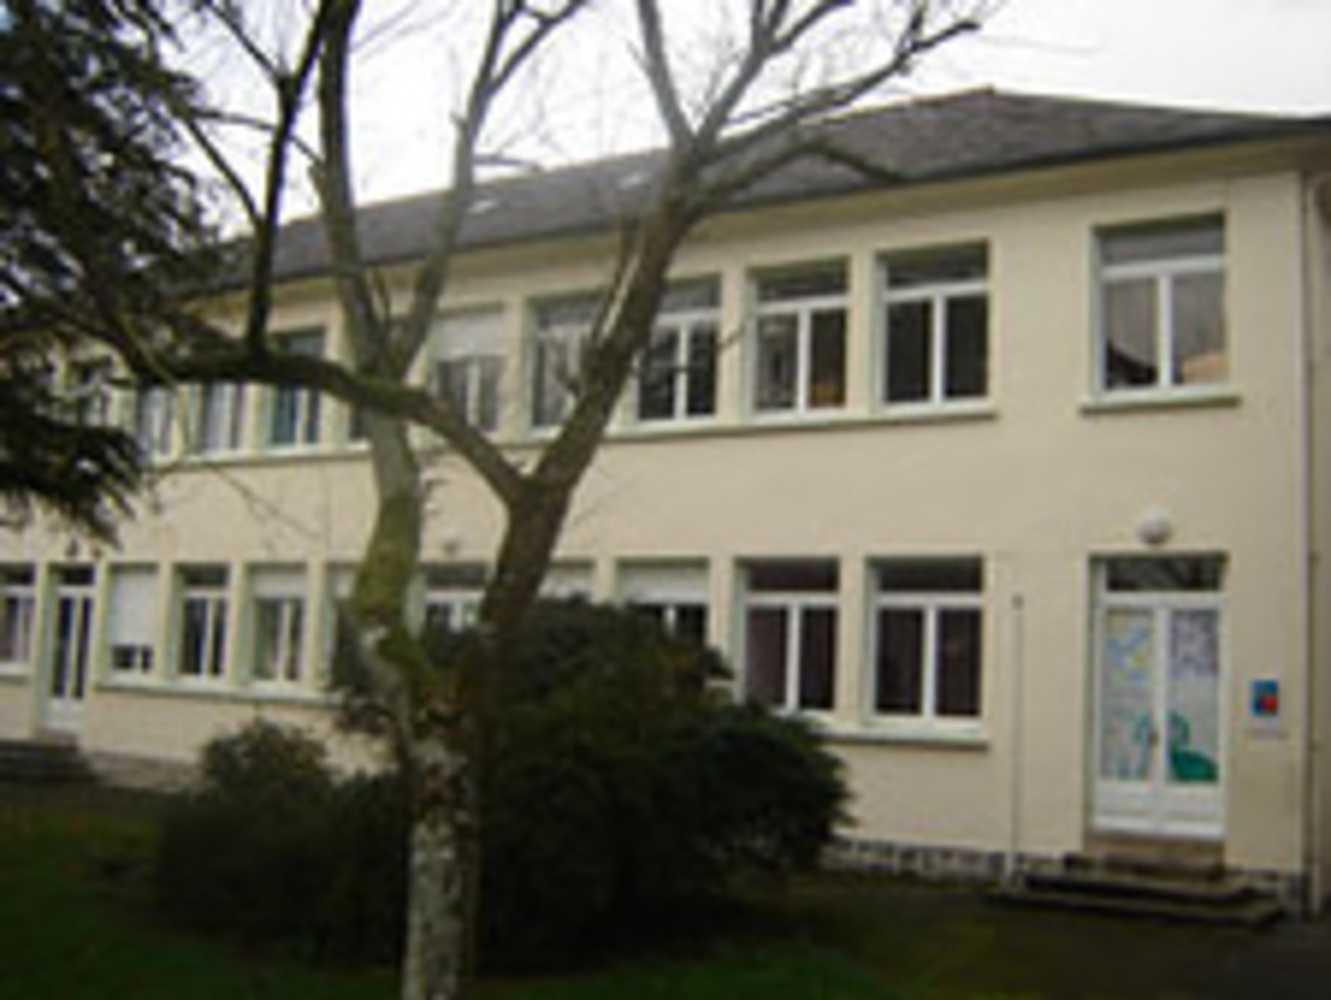 École privée maternelle et primaire Saint-Pierre 0